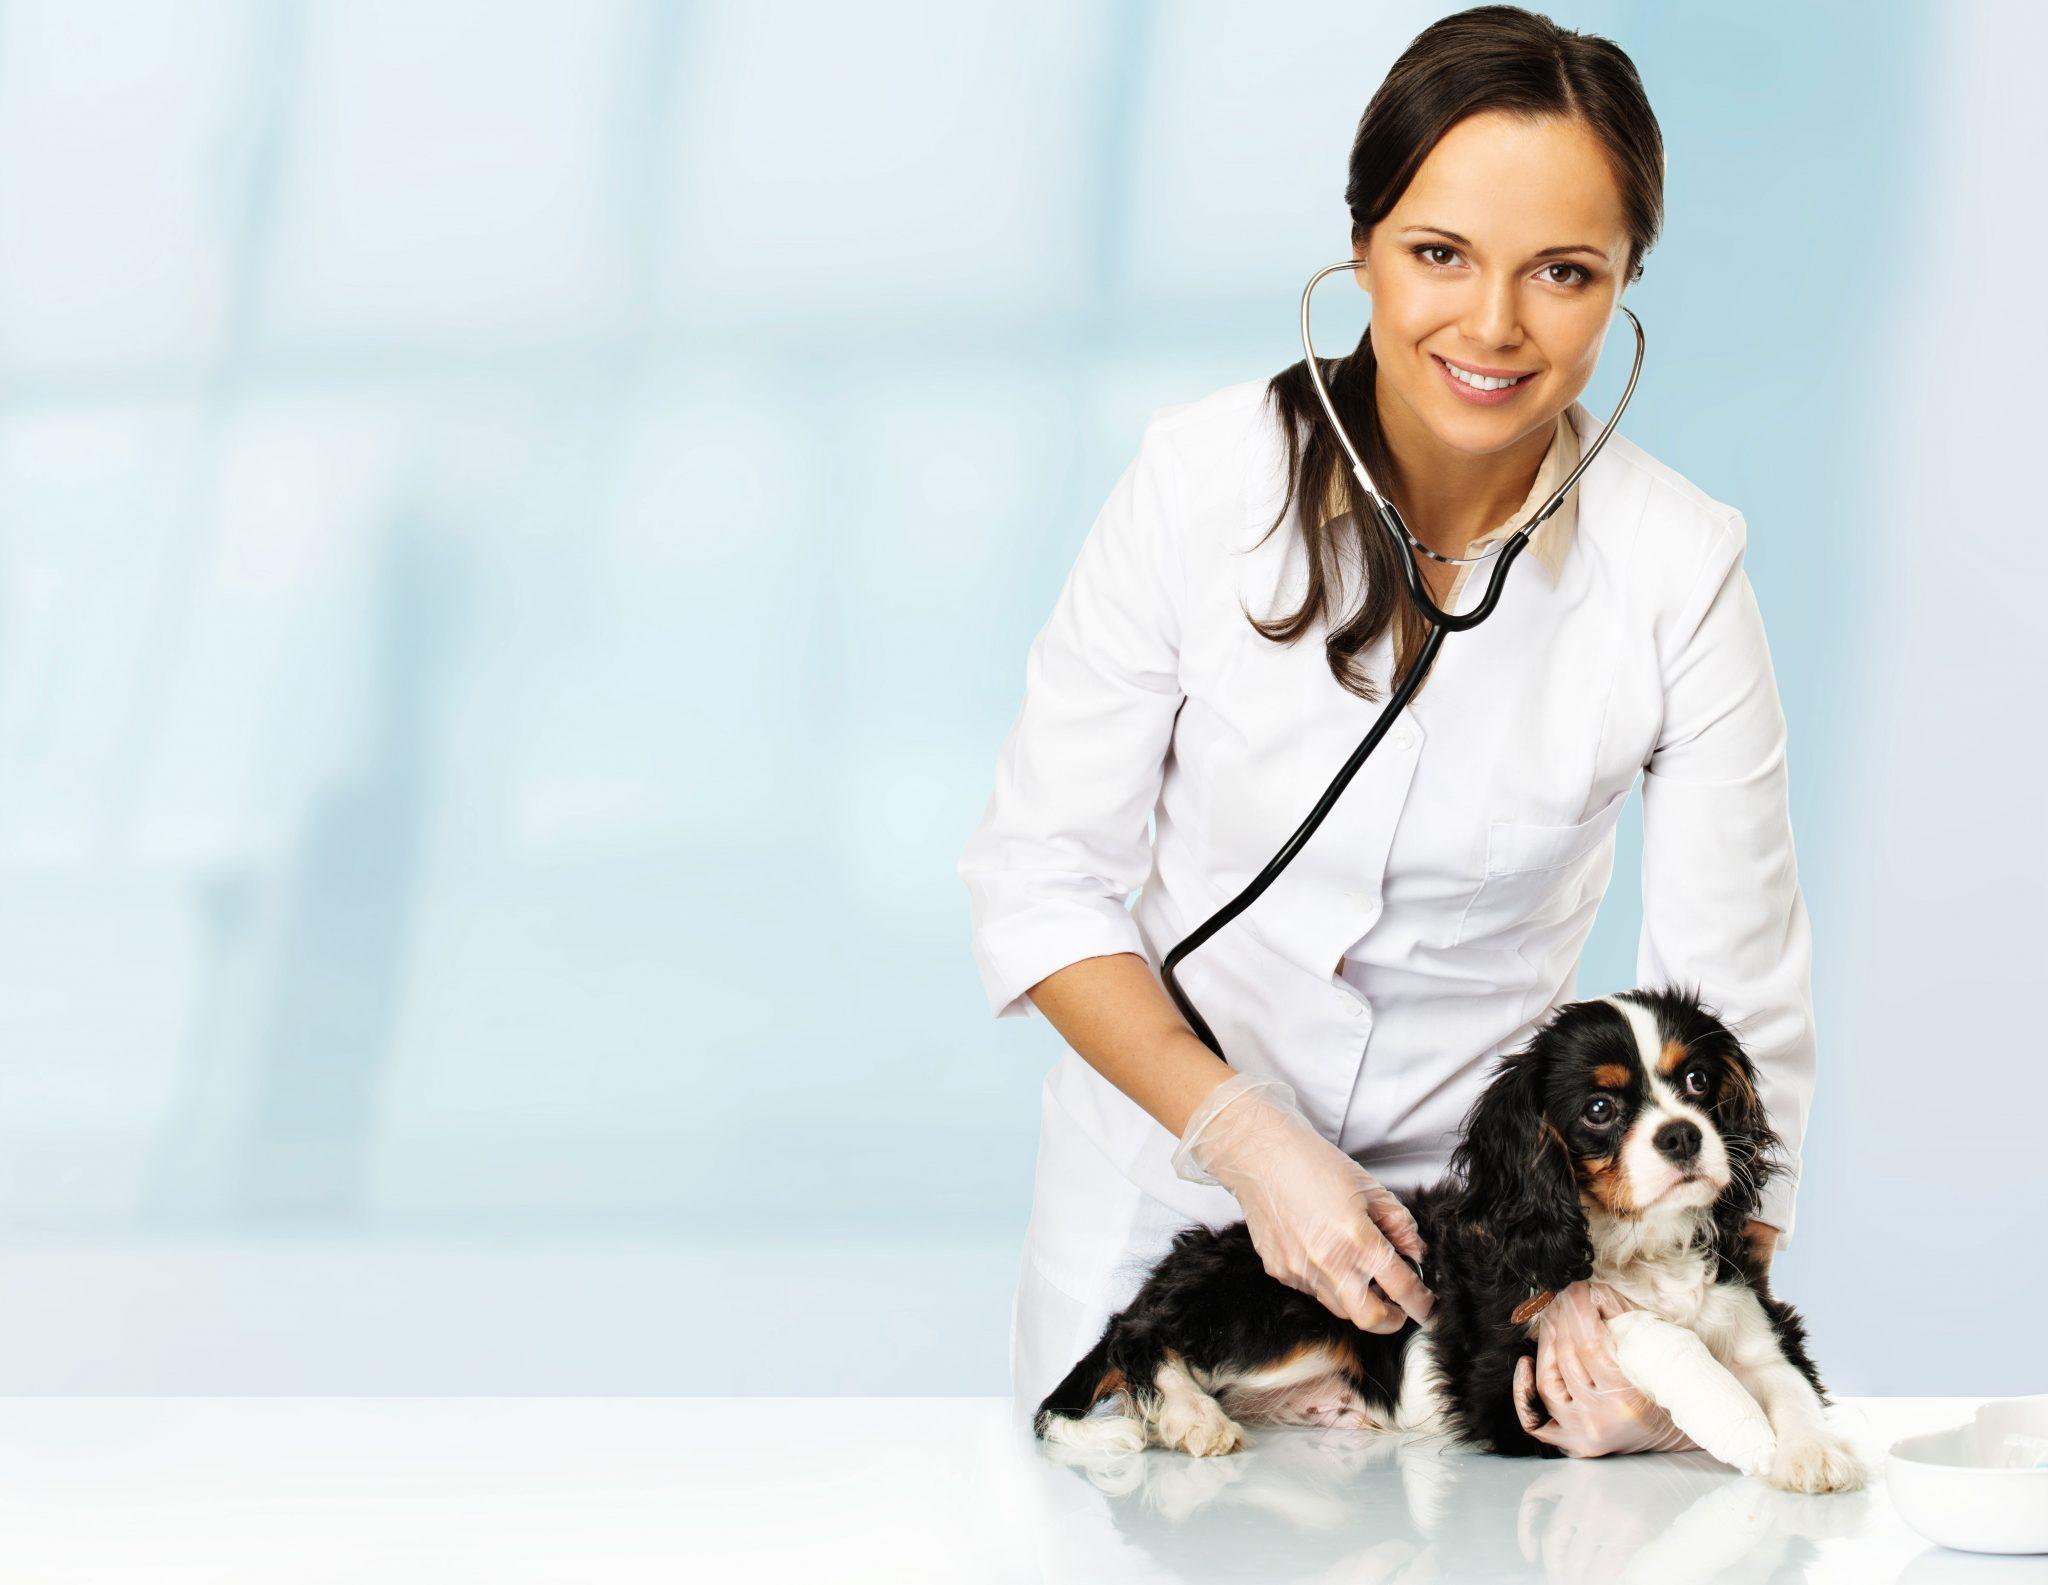 Картинка ветеринар девушка